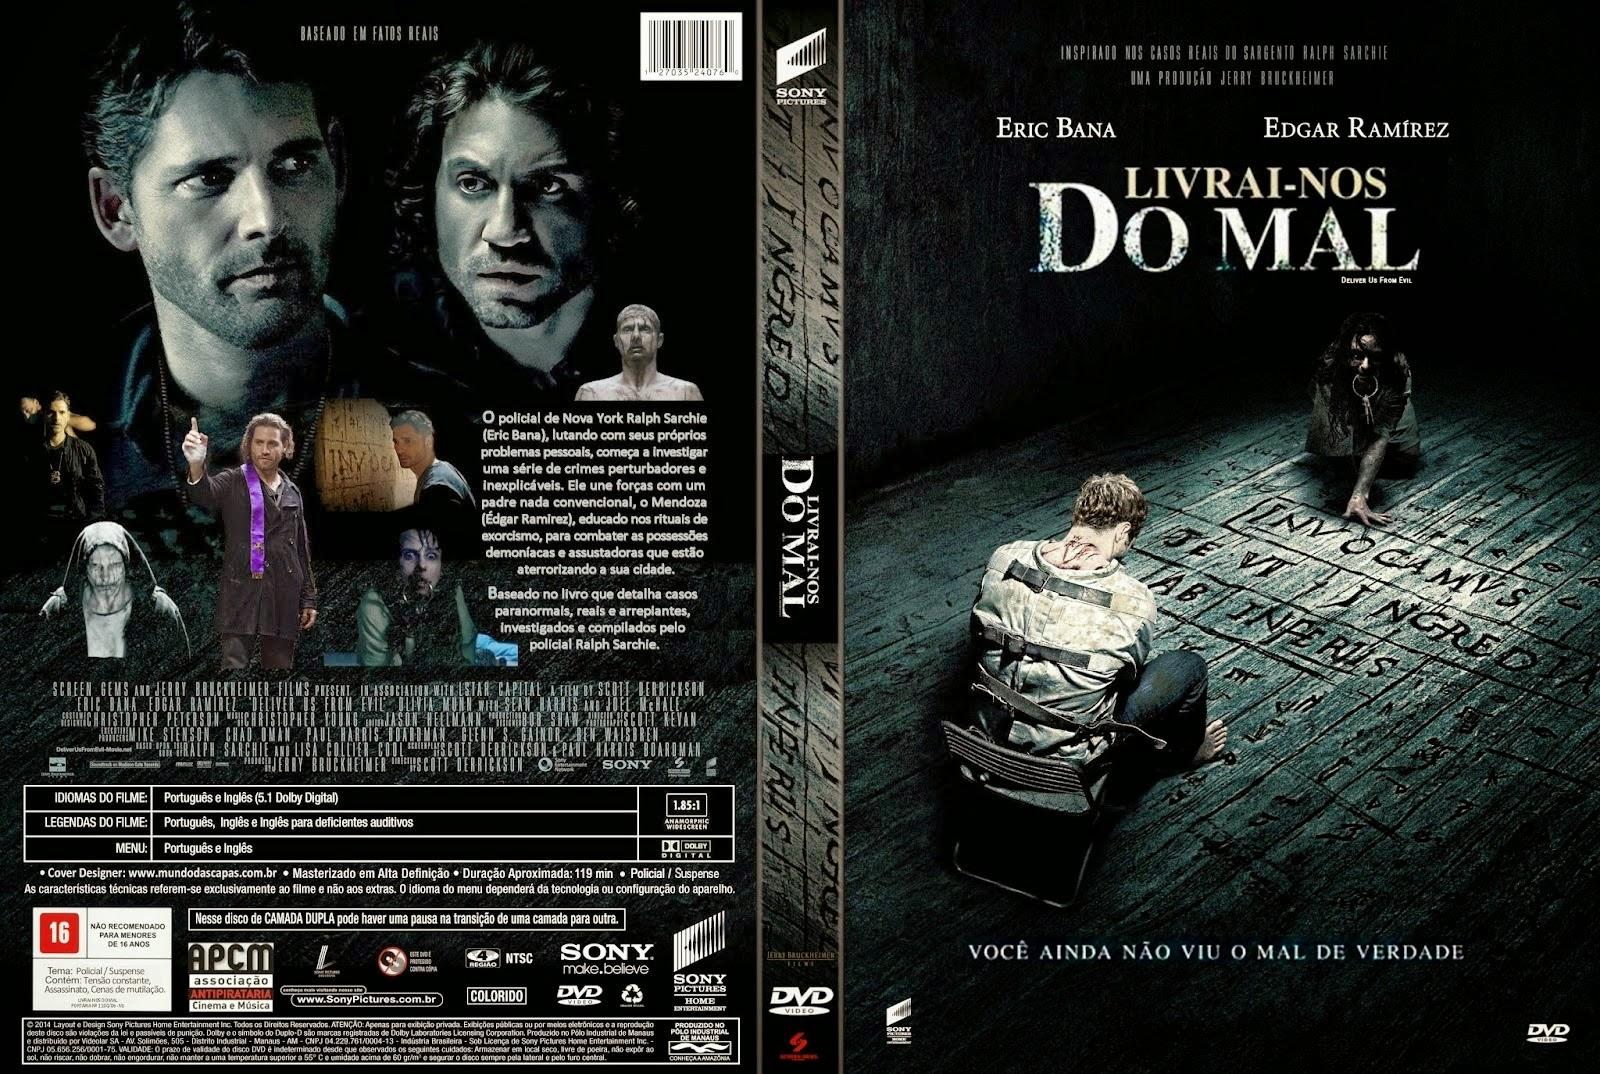 Download Livrai-nos do Mal BDRip XviD Dual Áudio Livrai Nos Do Mal Capa Filme DVD